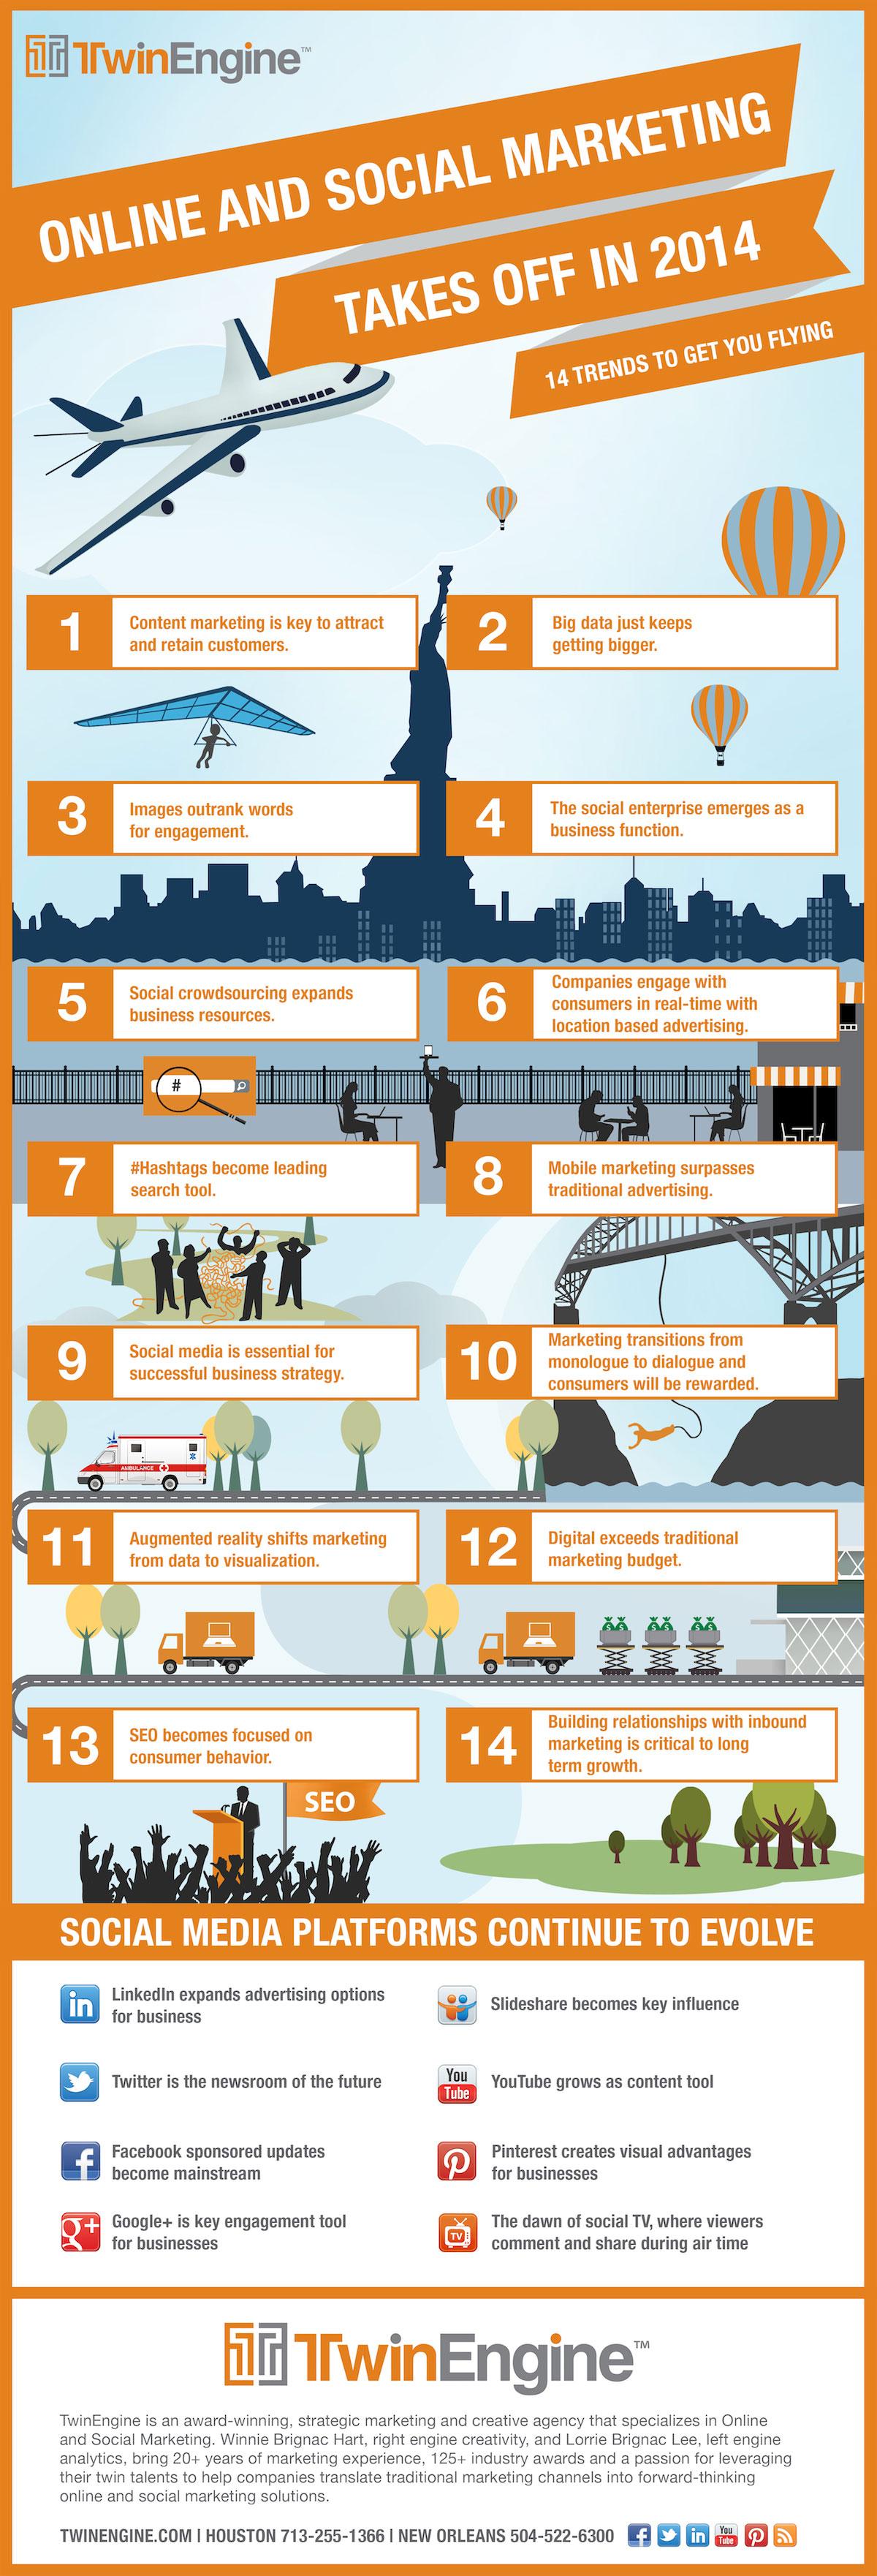 14-social-marketing-trends.jpg